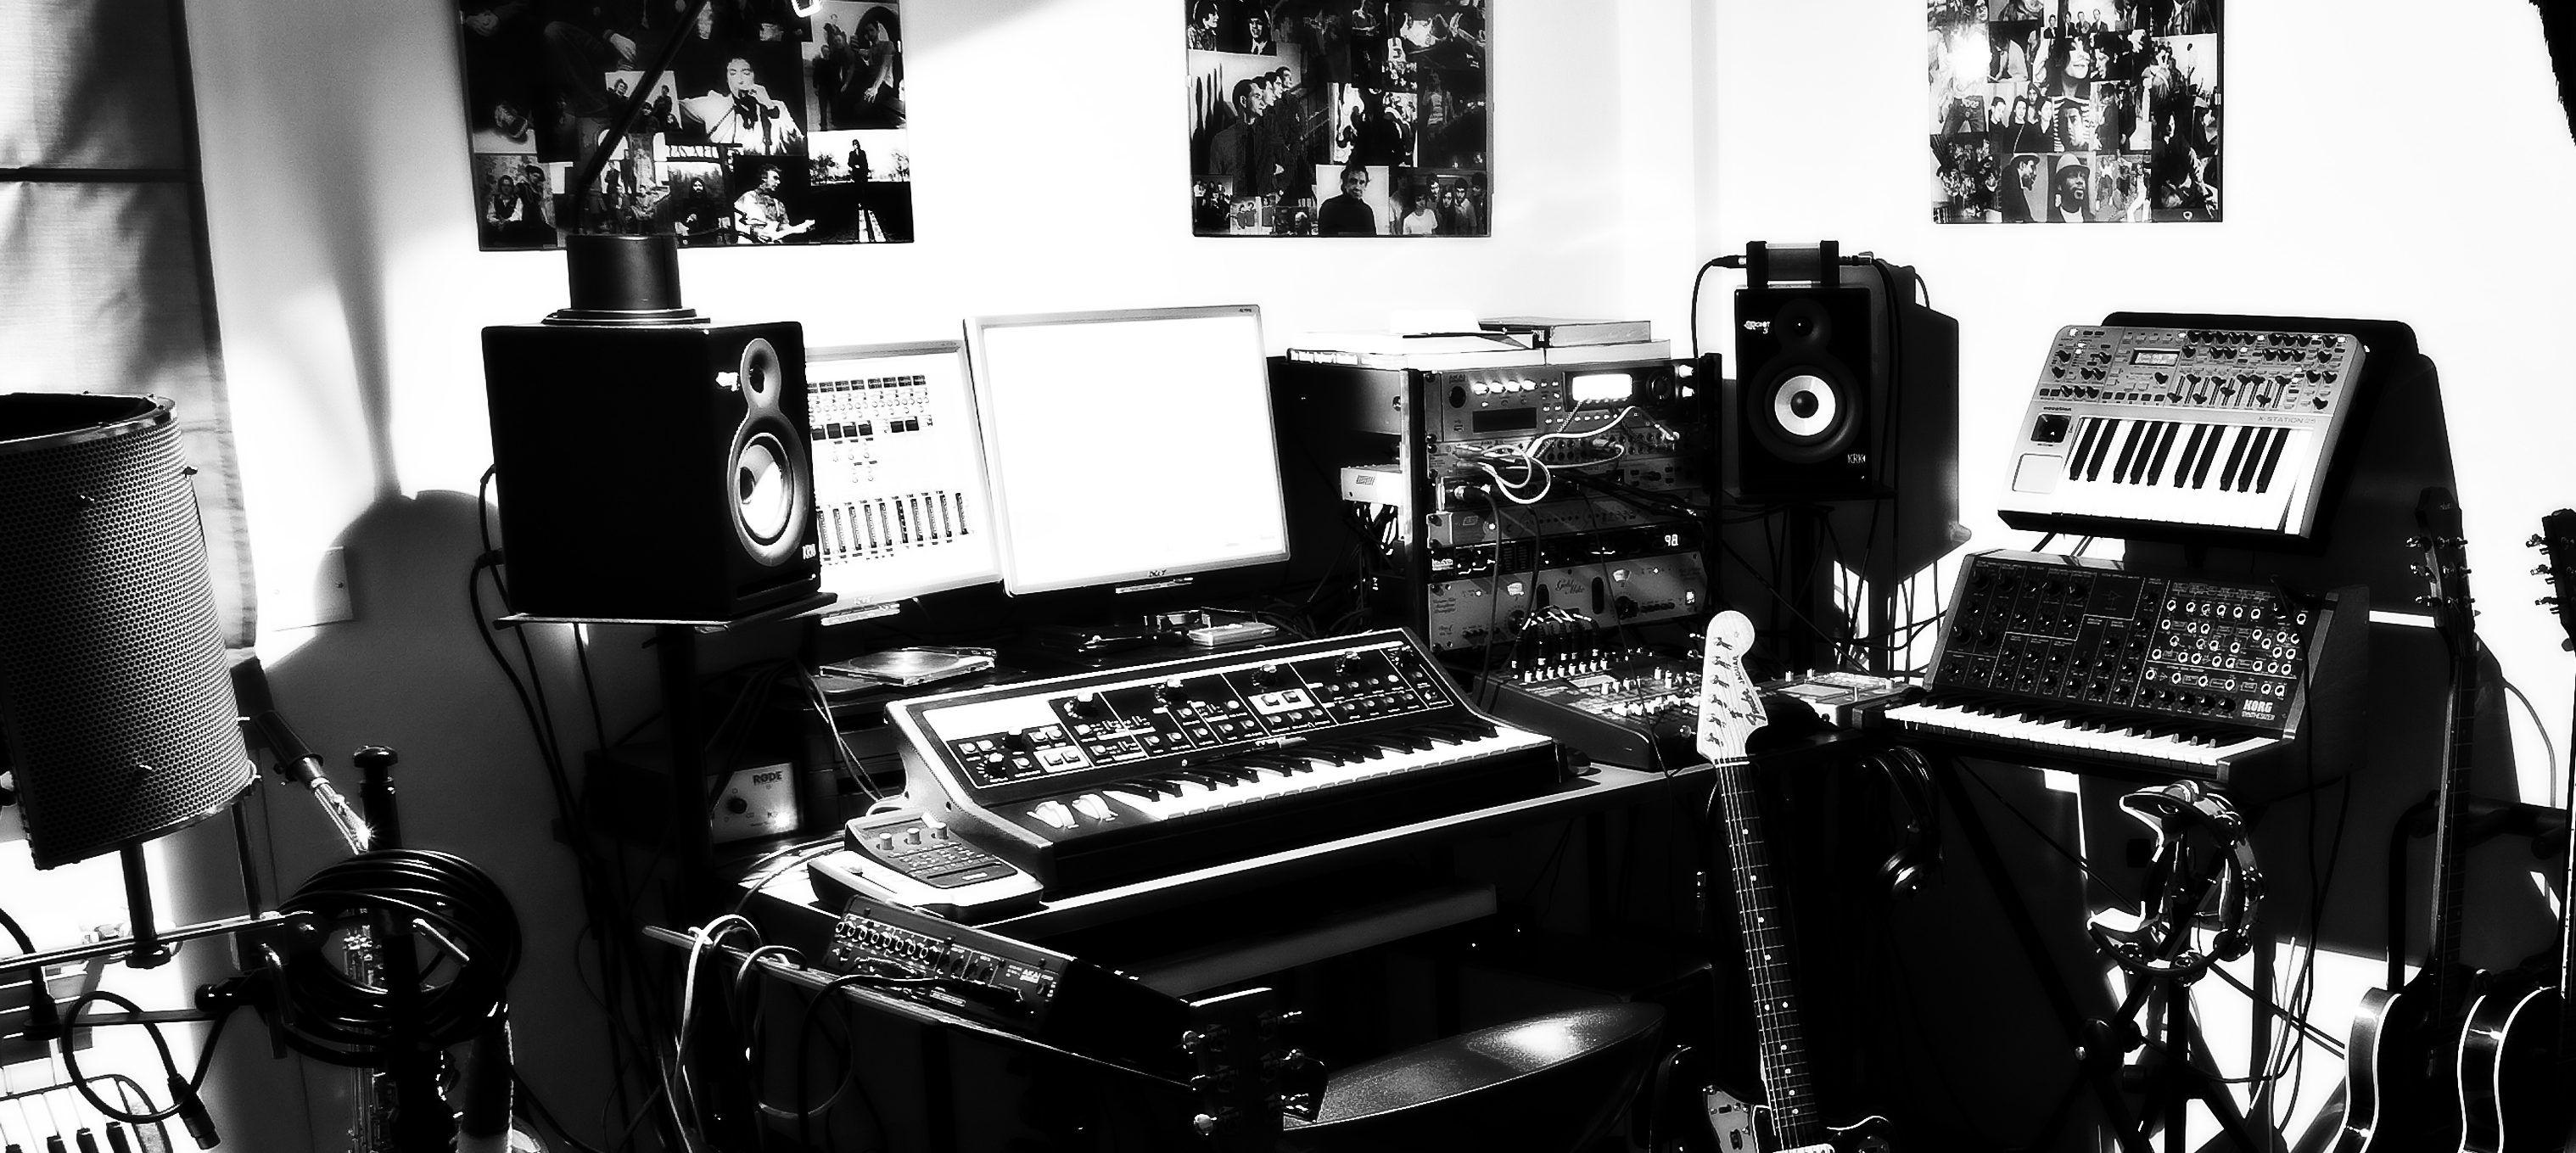 home recording studio setup 2012 | design ideas 2017-2018